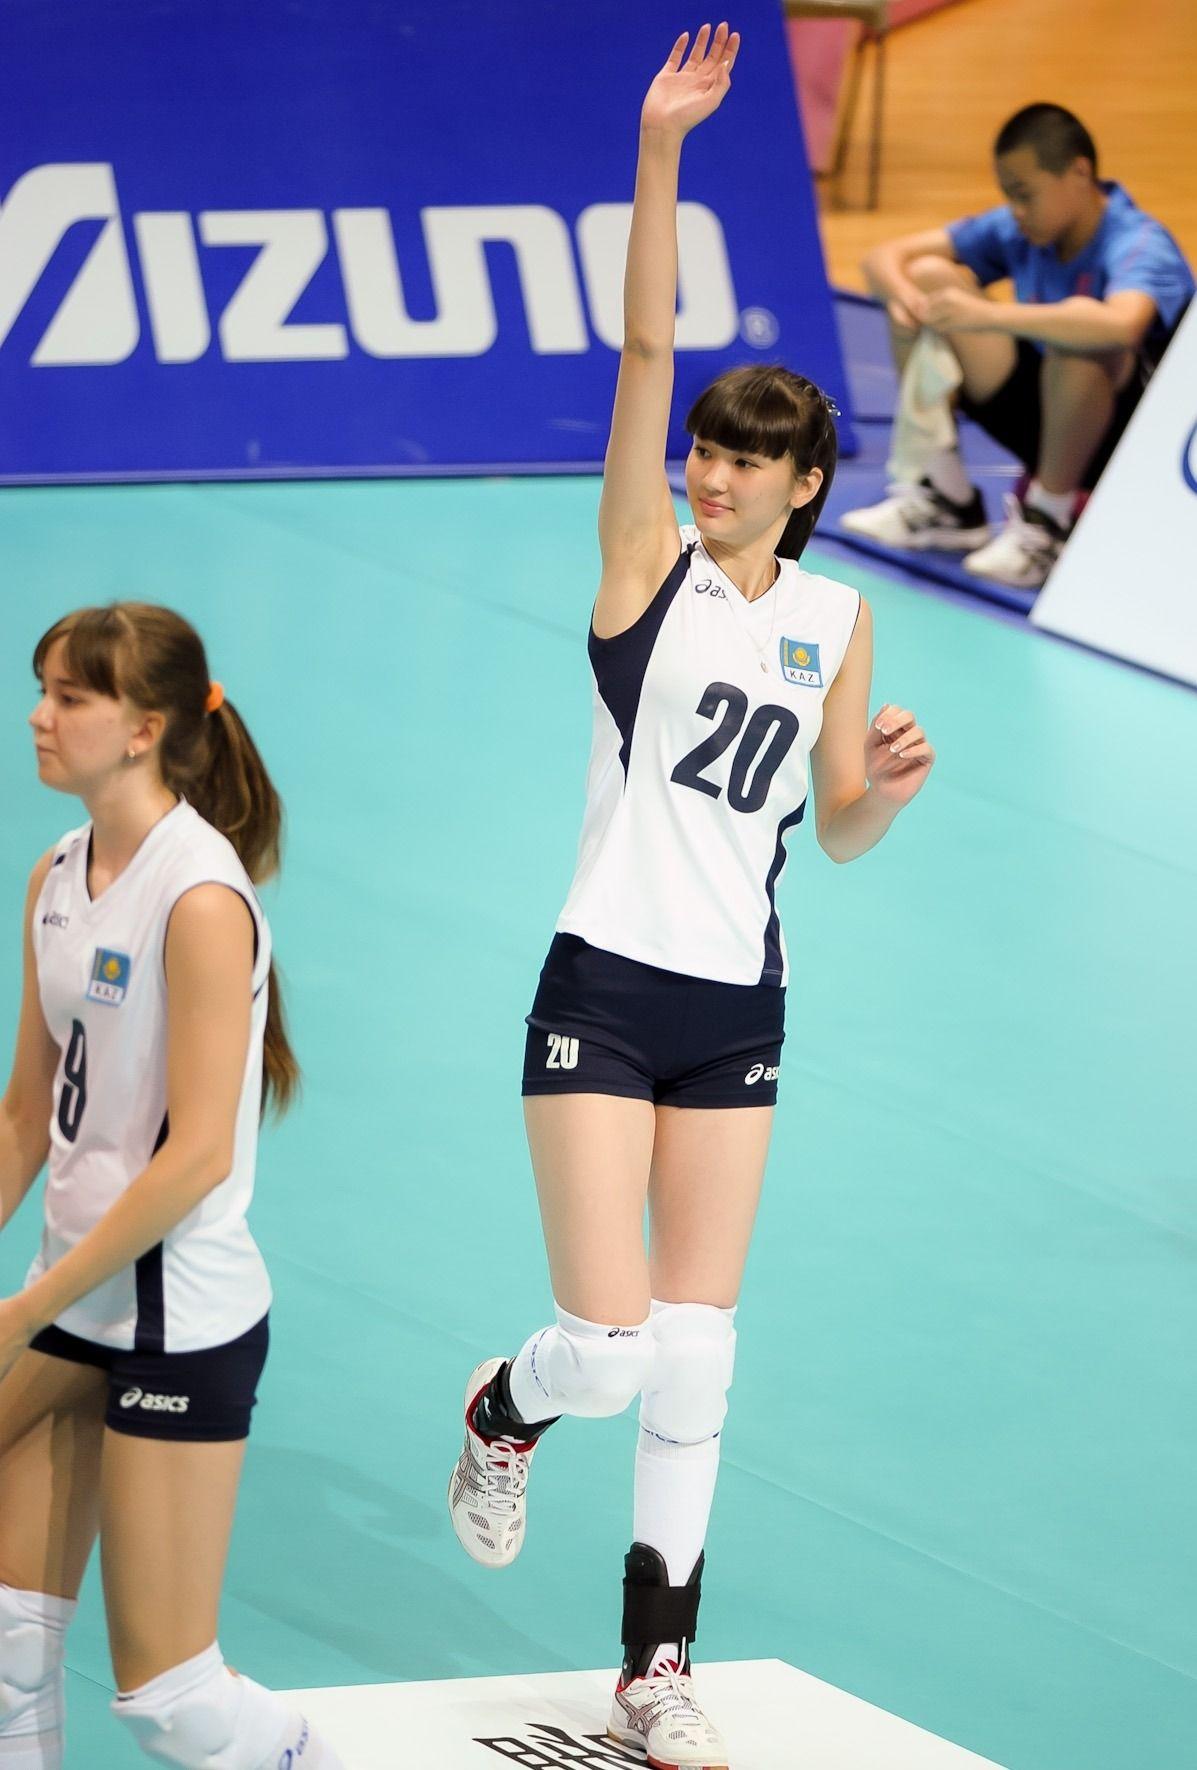 Sabina Altynbekova Atlet Olahraga Wanita